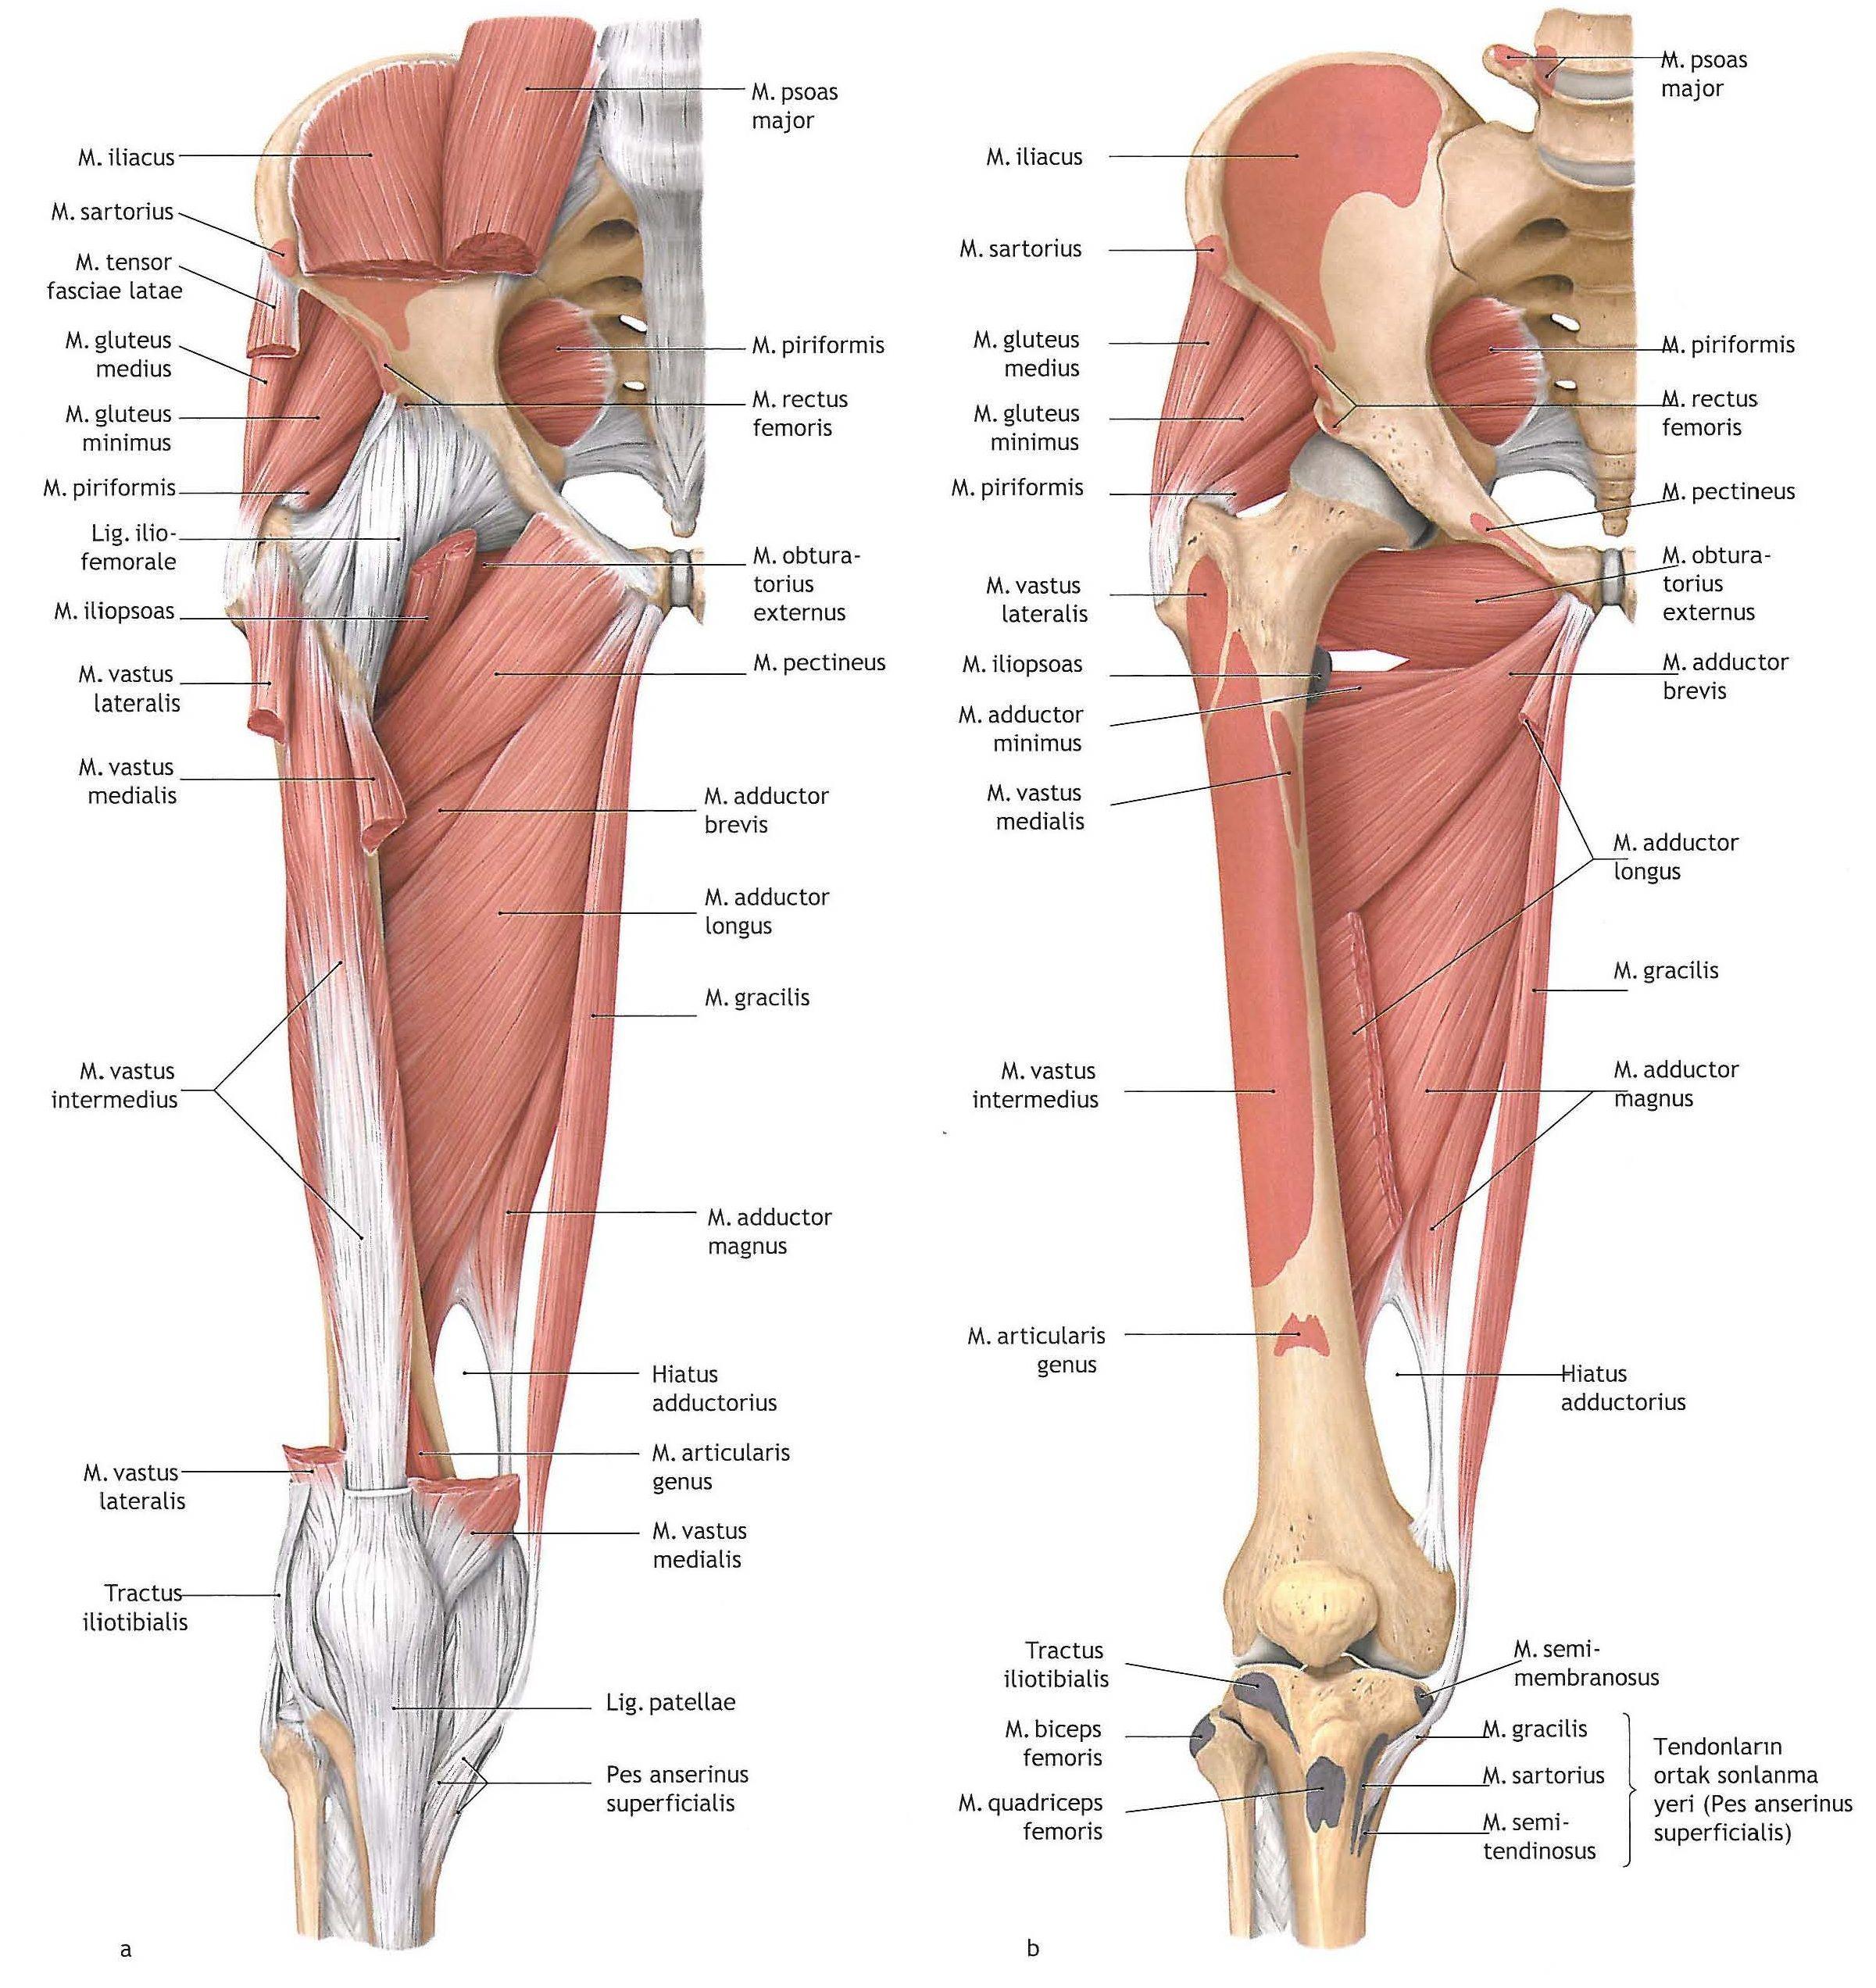 Pin by Yuriy Evseev on Anatomy | Pinterest | Anatomy